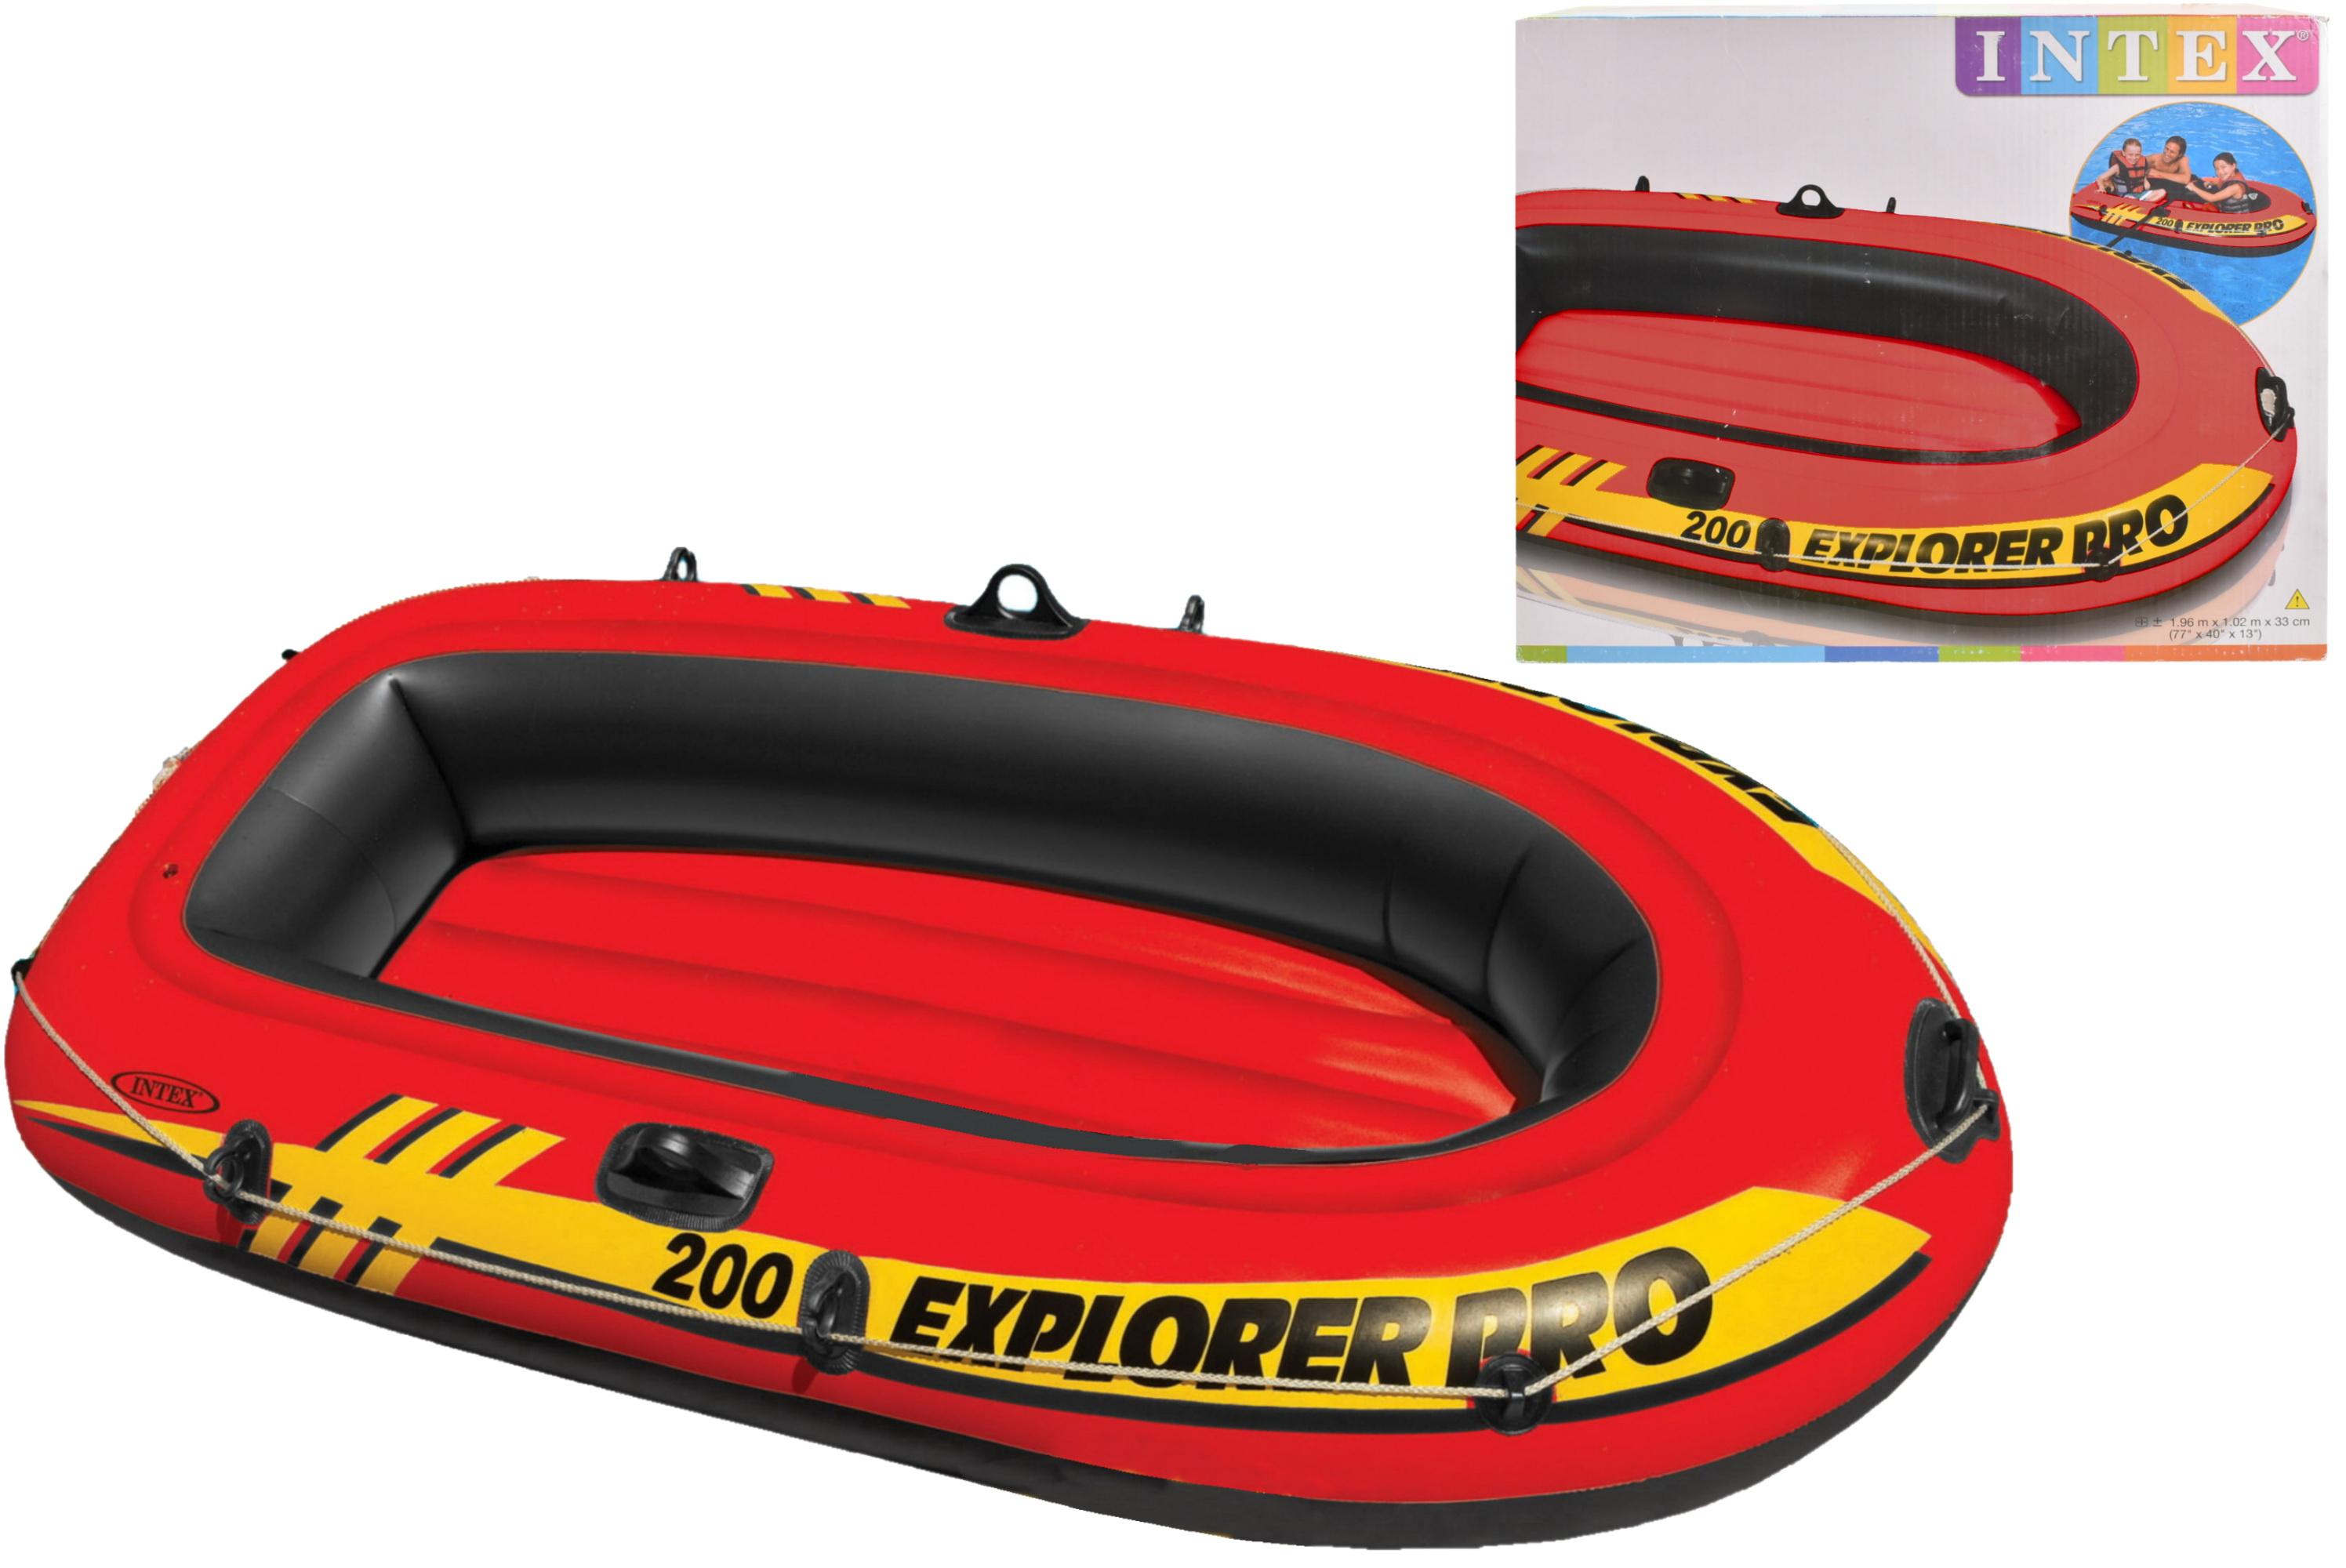 """Explorer Pro 200 Boat 77"""" x 40"""" - Shelf Box"""